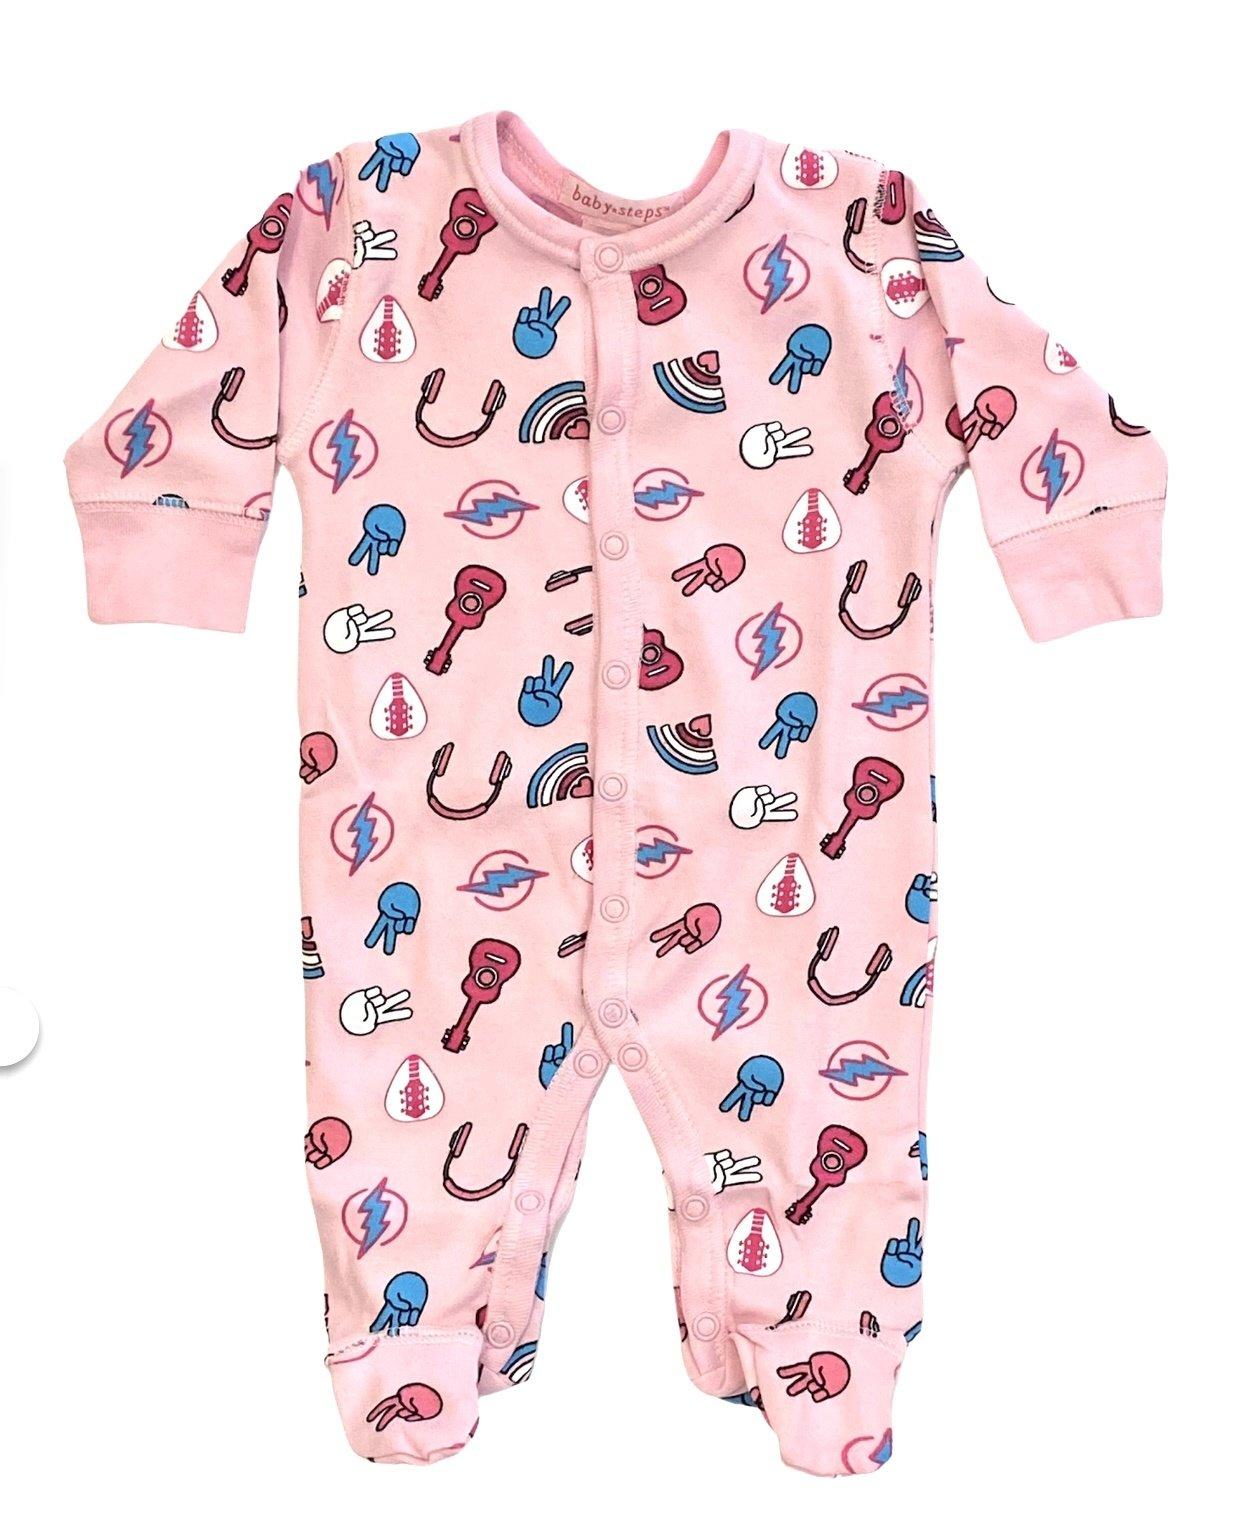 Baby Steps Pink Rock n Roll Footie